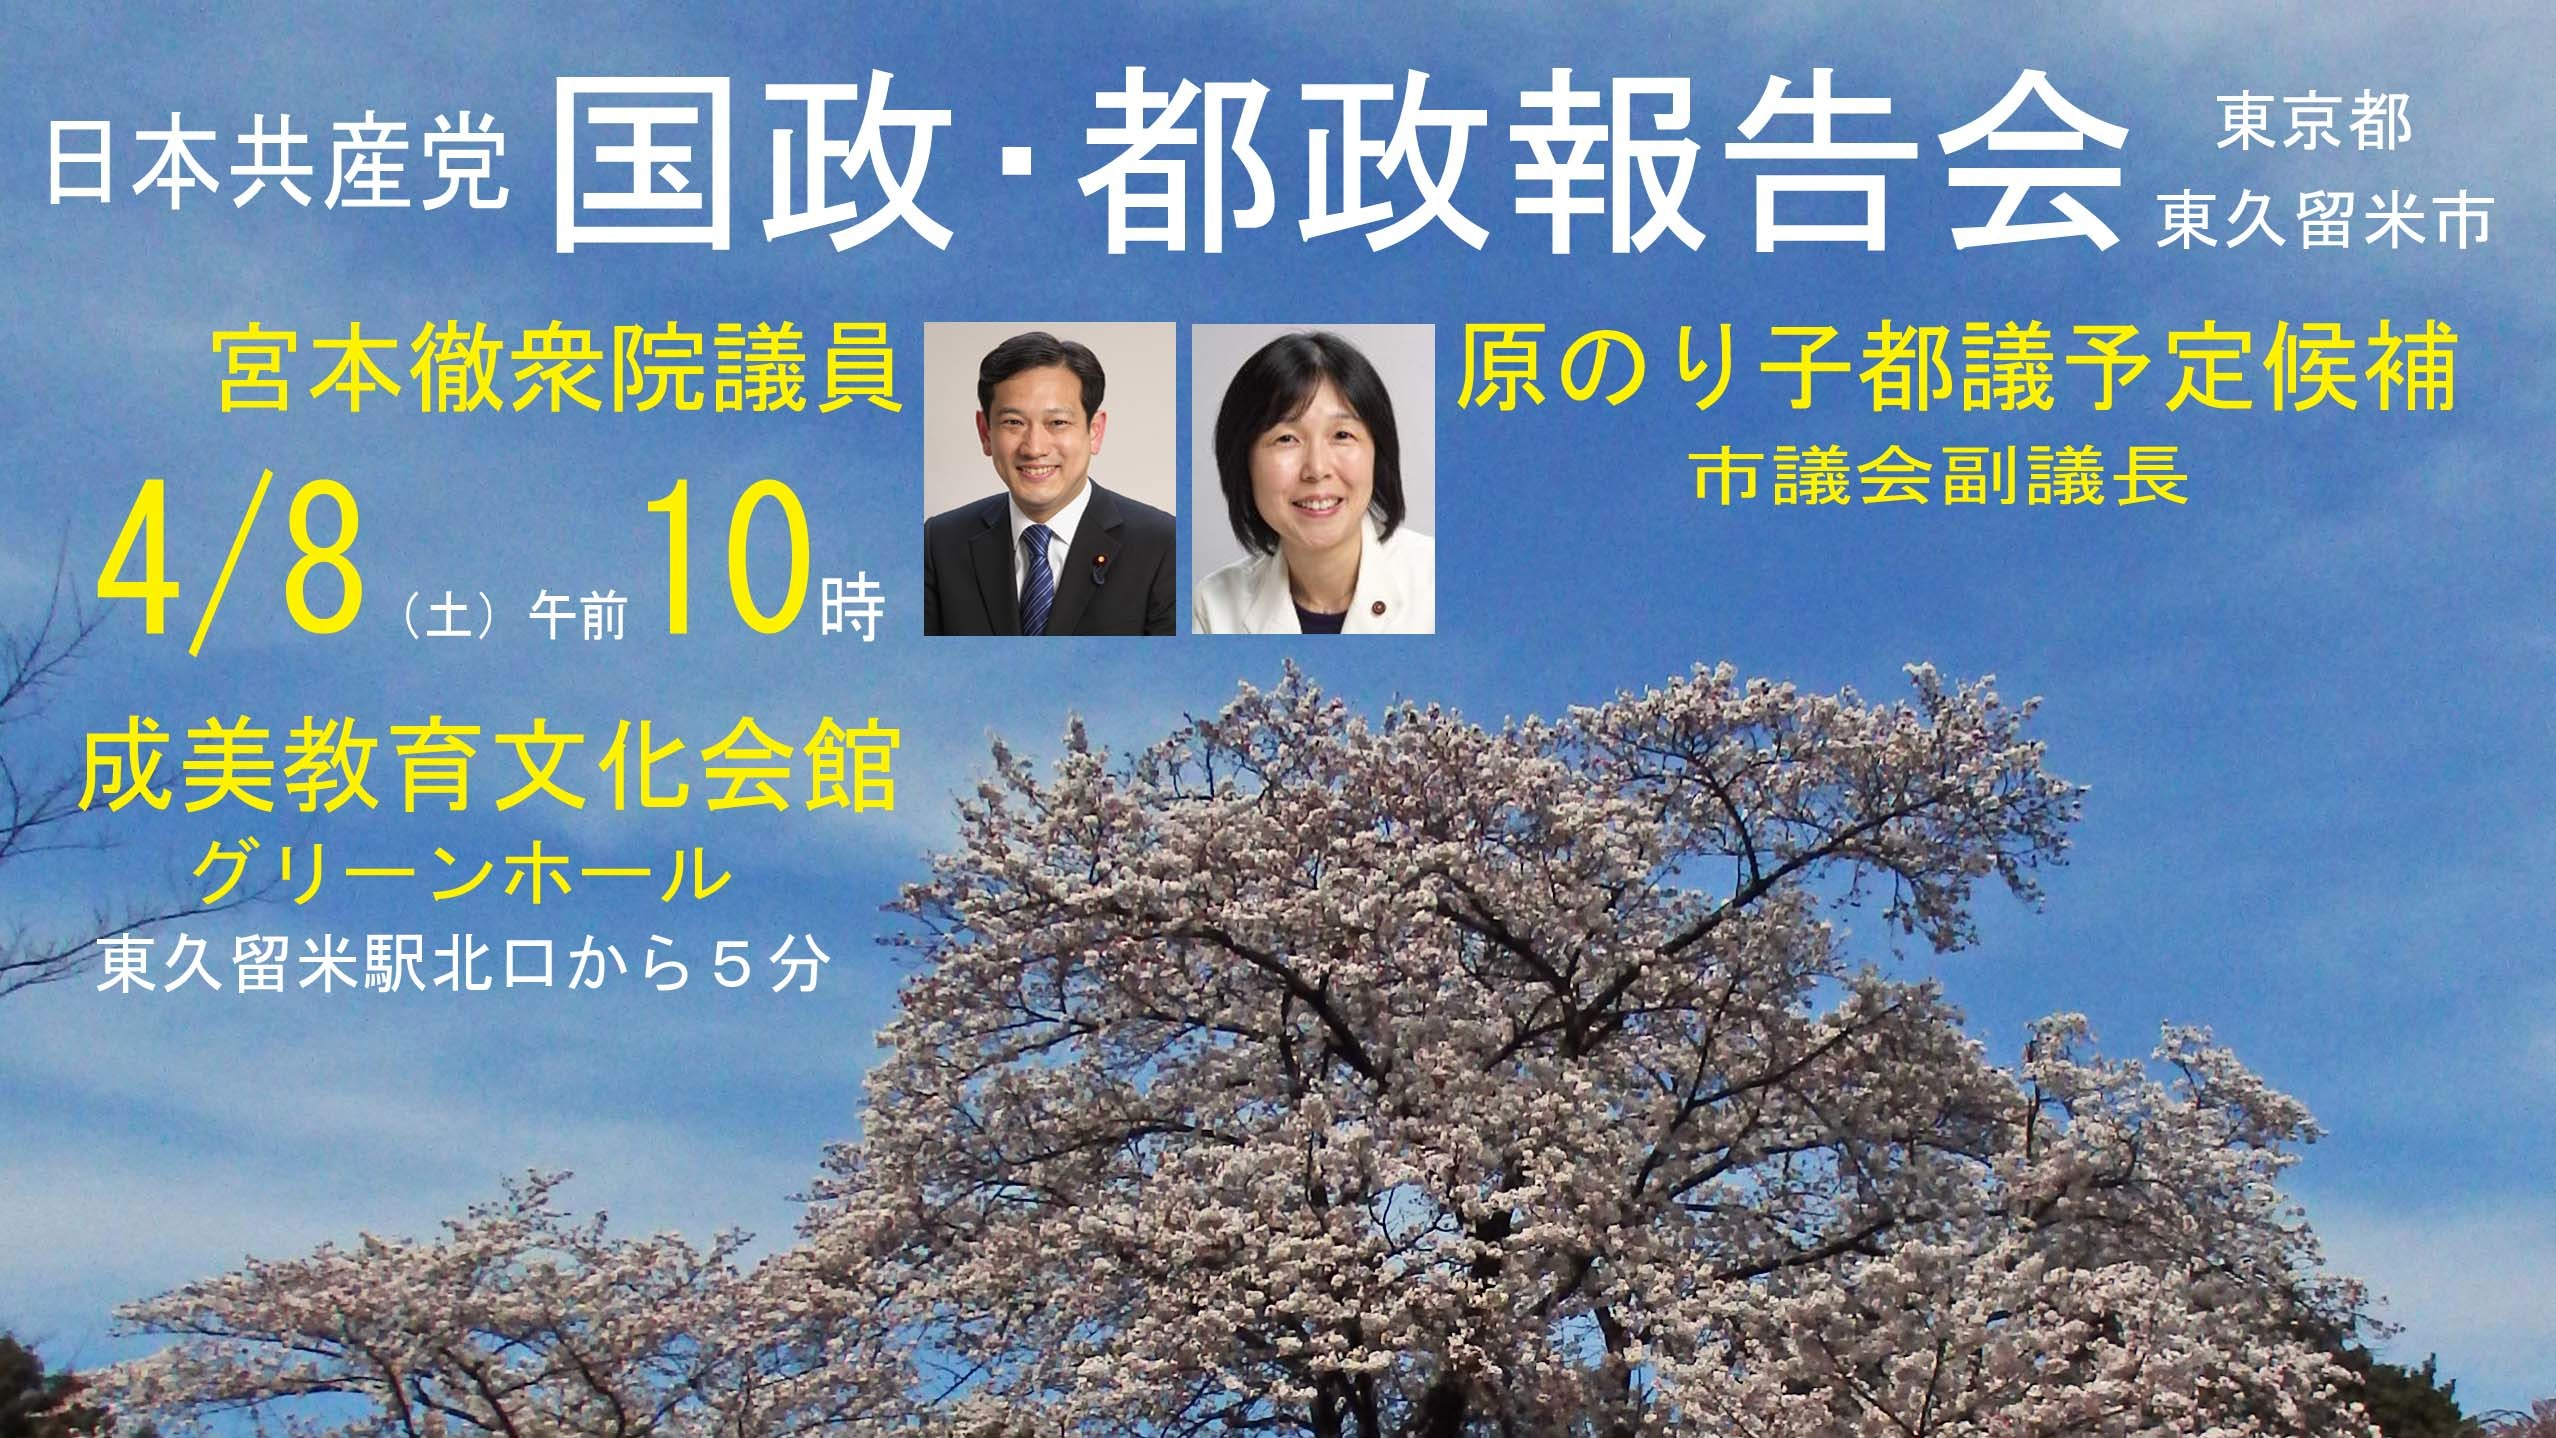 日本共産党 2つの催しにぜひご参加を_b0190576_18451187.jpg